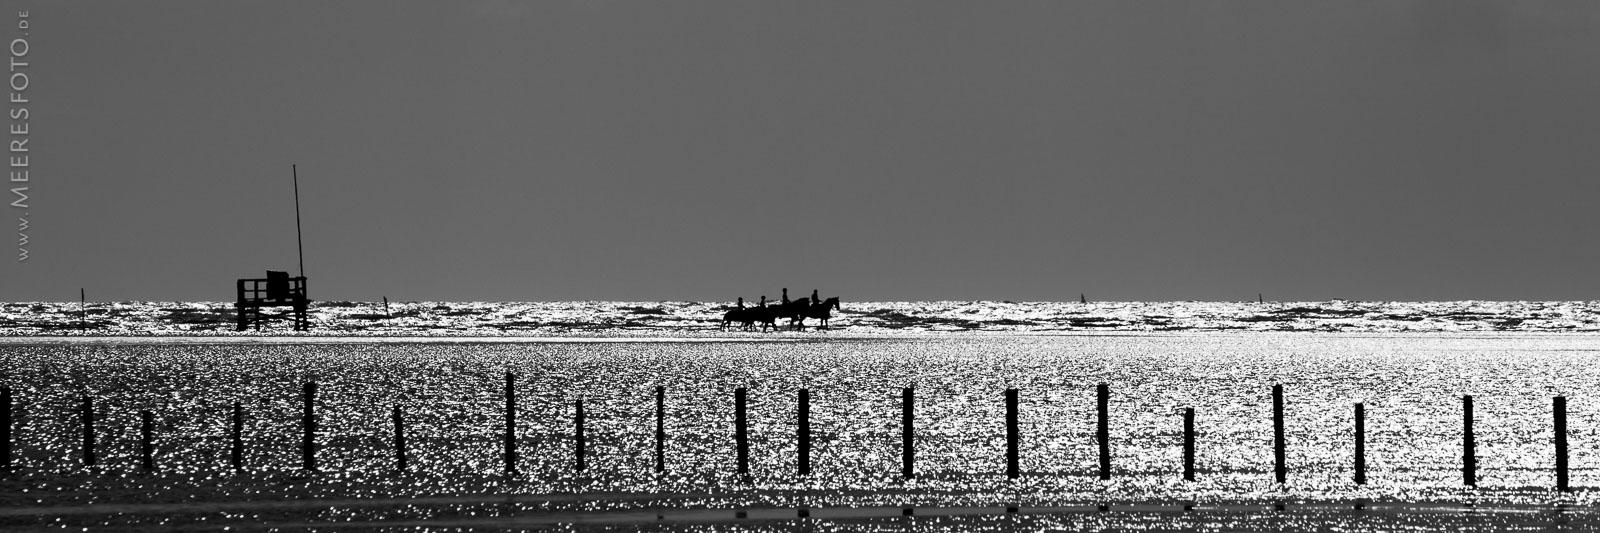 Familienausritt im Nordseelicht